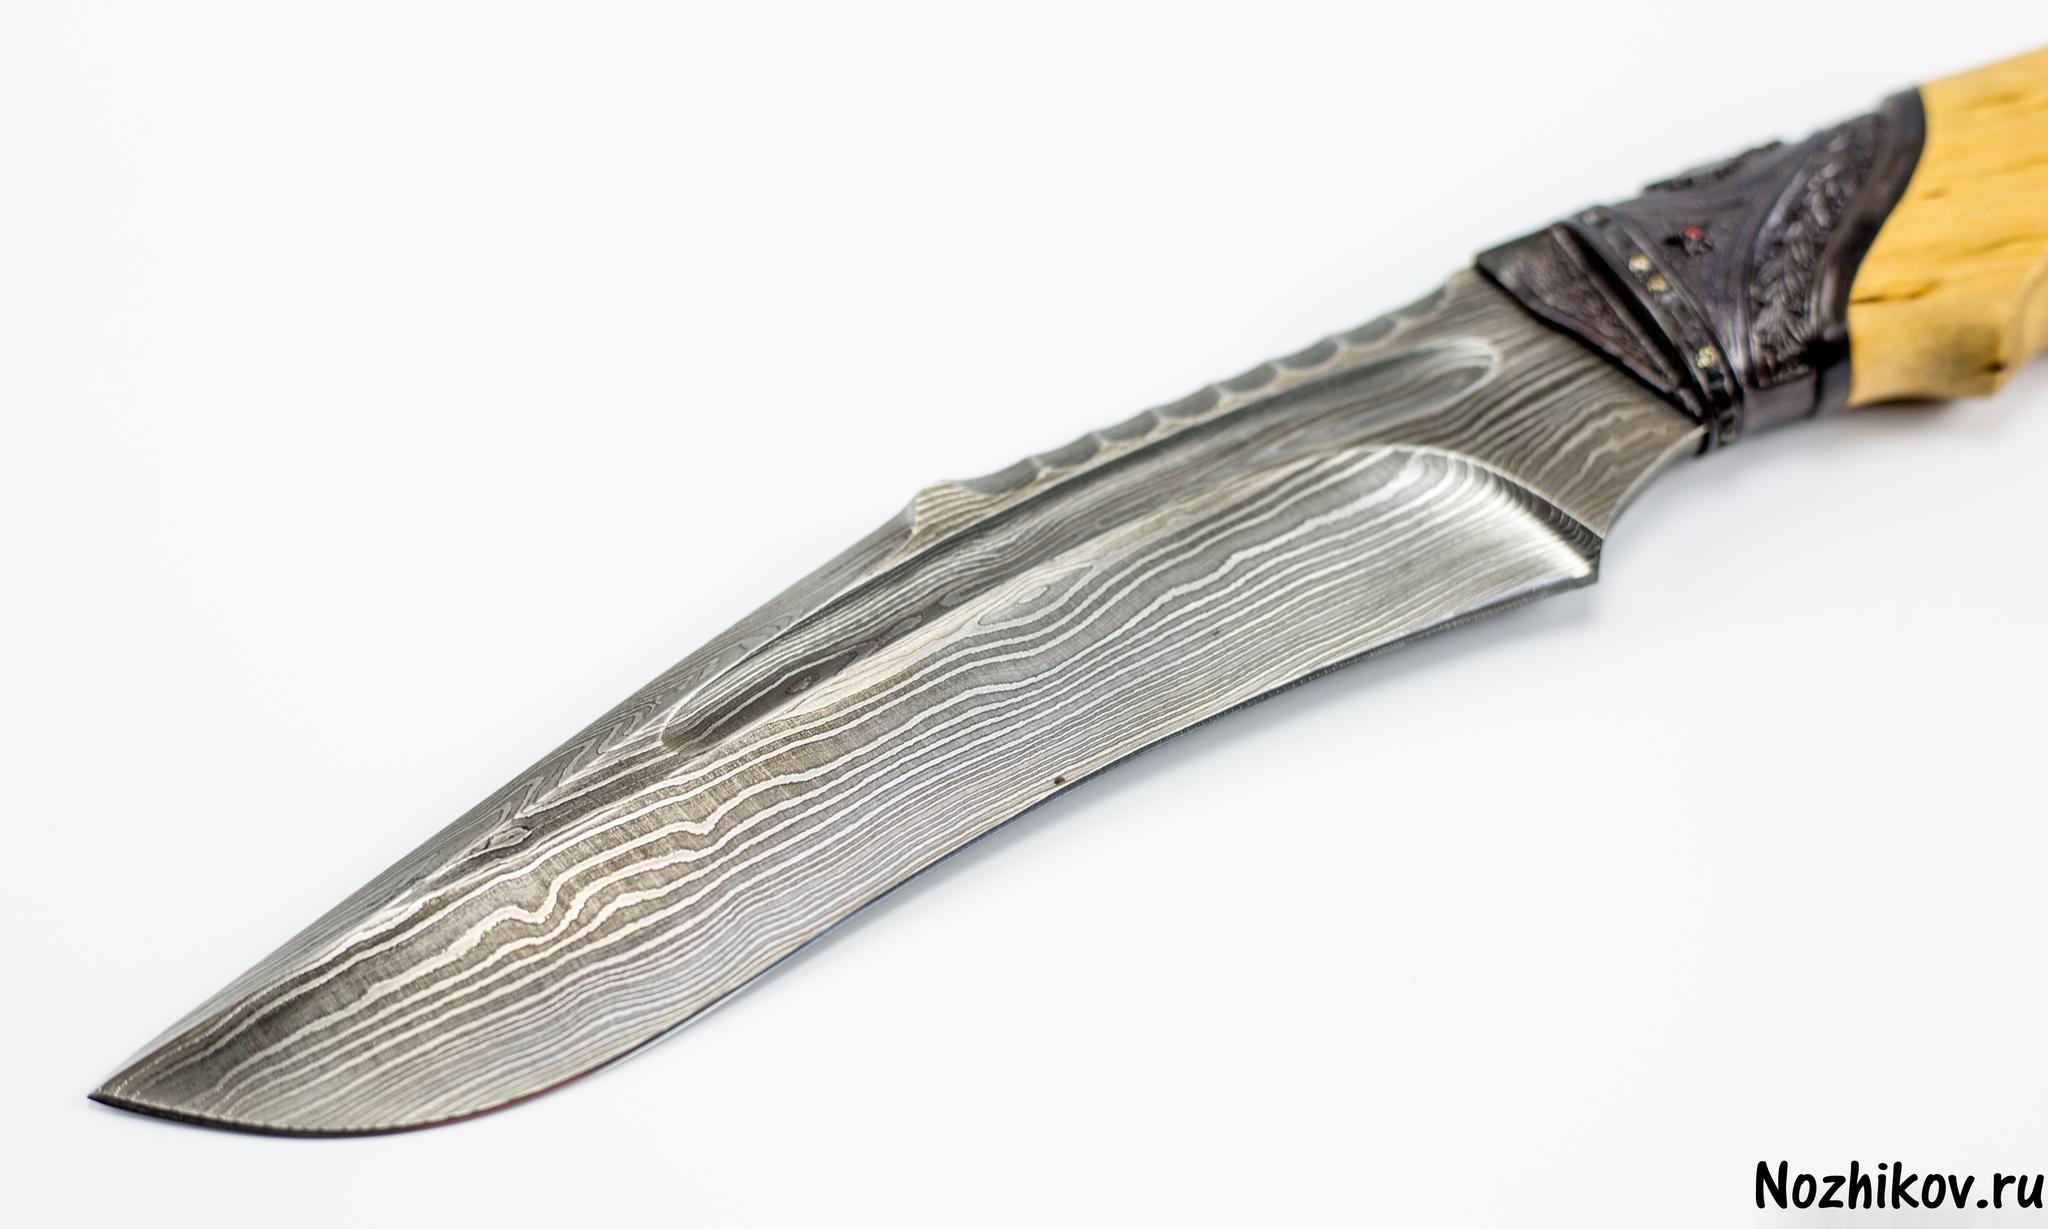 """Авторский Нож из Дамаска №27, Кизляр от Магазин ножей """"Ножиков"""""""